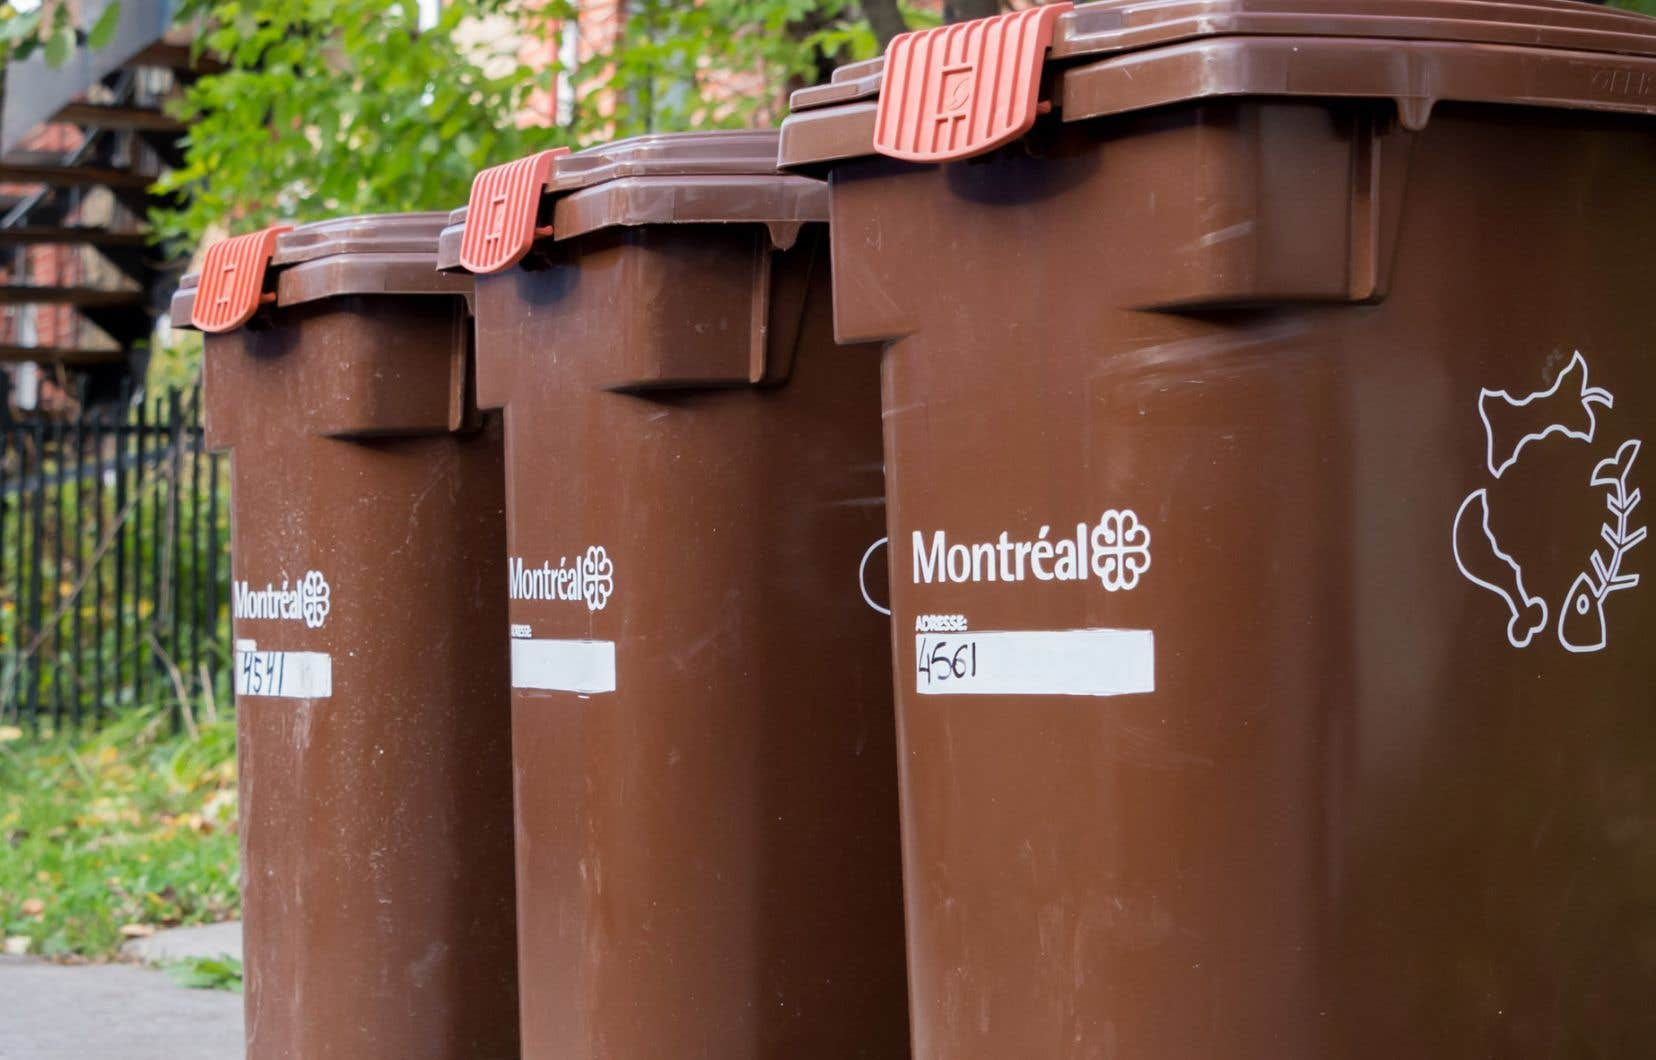 En 2018, la facture du projet de centres de compostage a explosé pour atteindre 598millions de dollarset la Ville pourrait devoir assumer un montant pouvant aller de 162,9millions à 196,9millions, au lieu de 107millions.